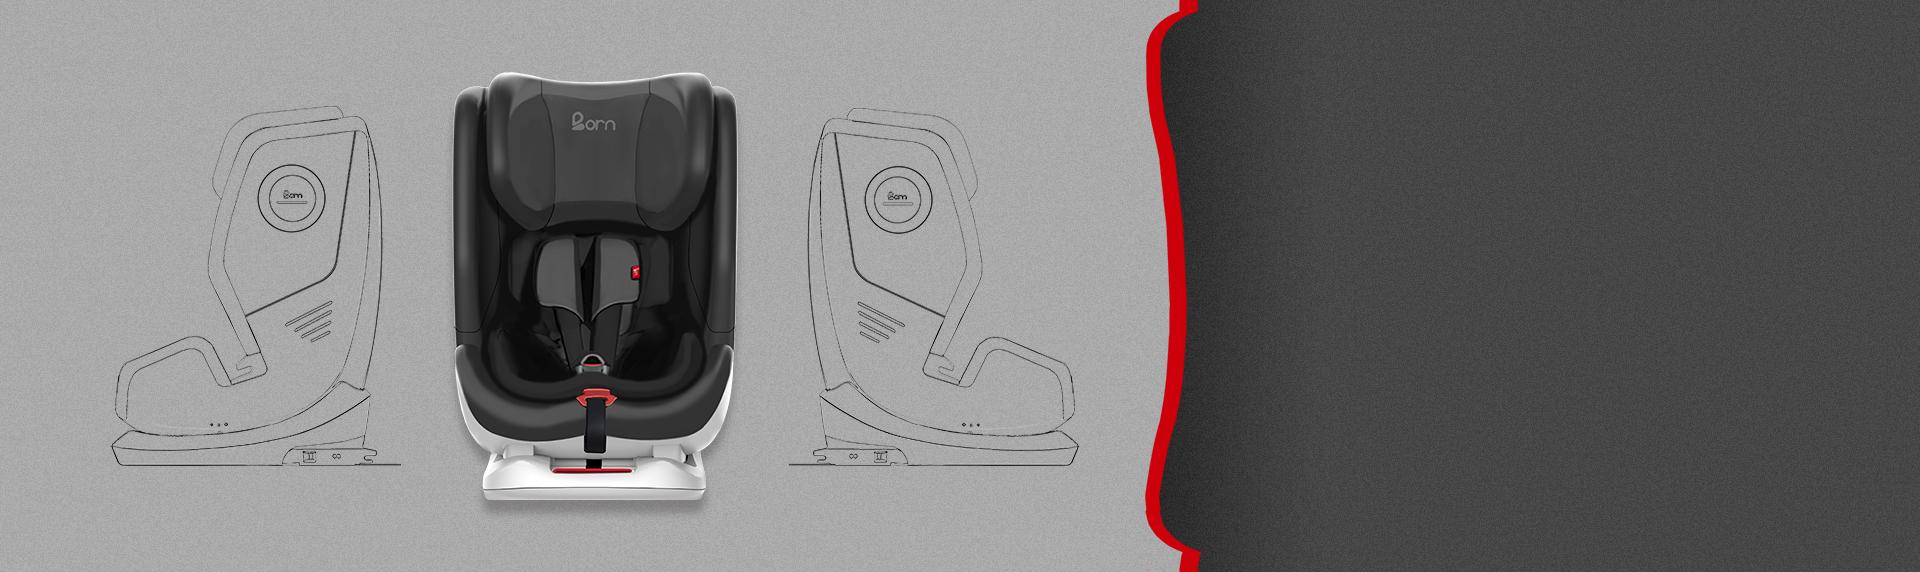 火狐体育-儿童安全座椅设计